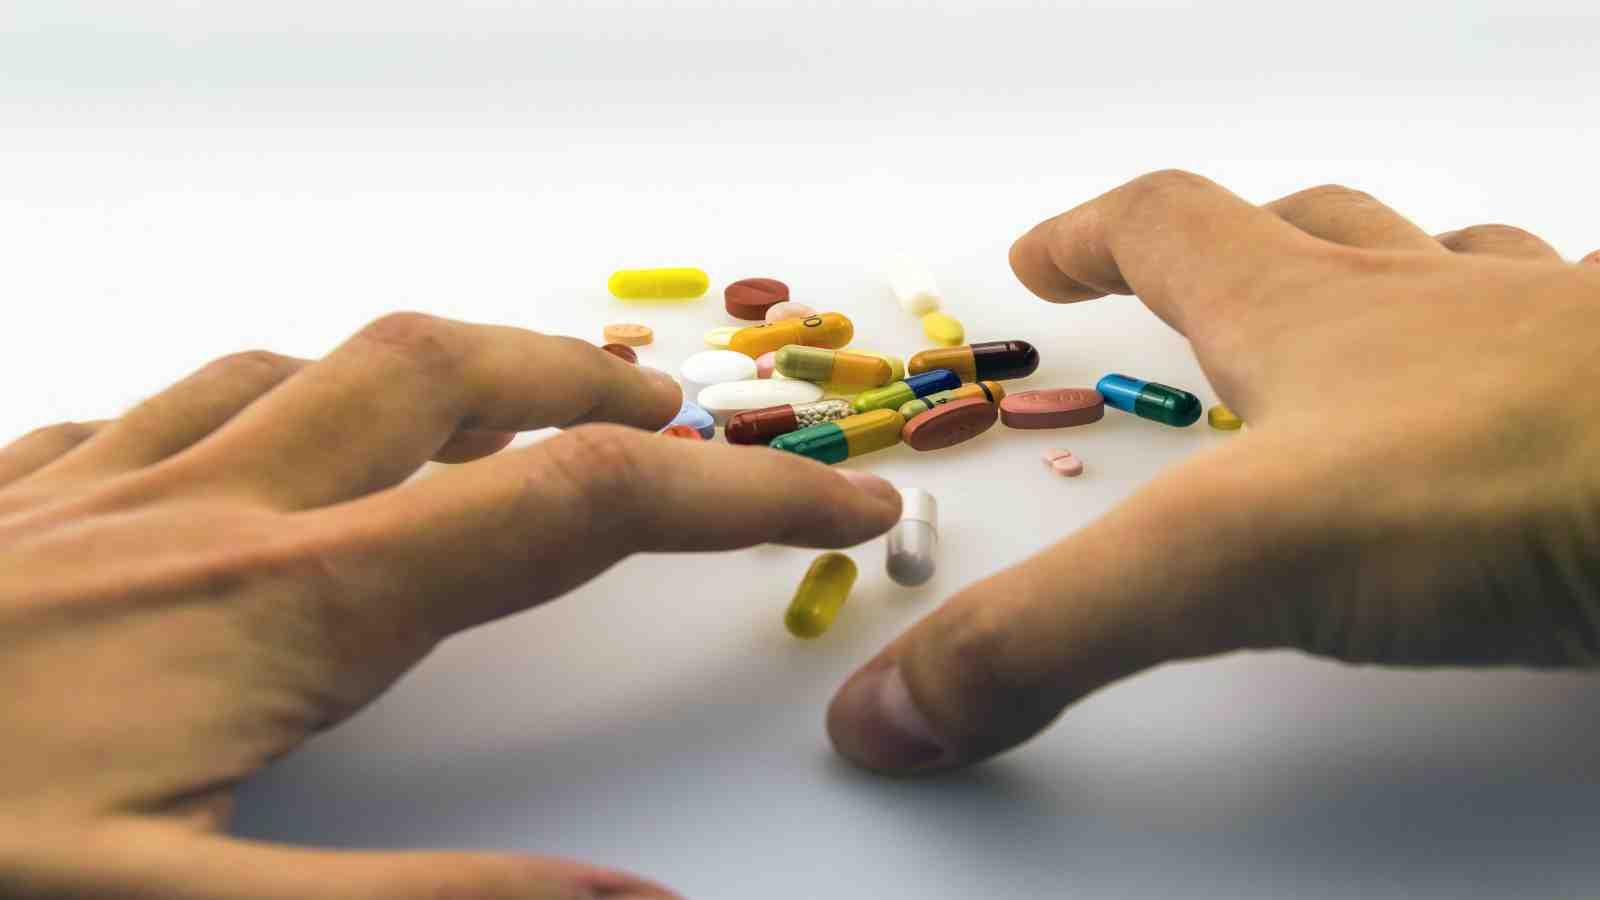 hands reaching towards pills